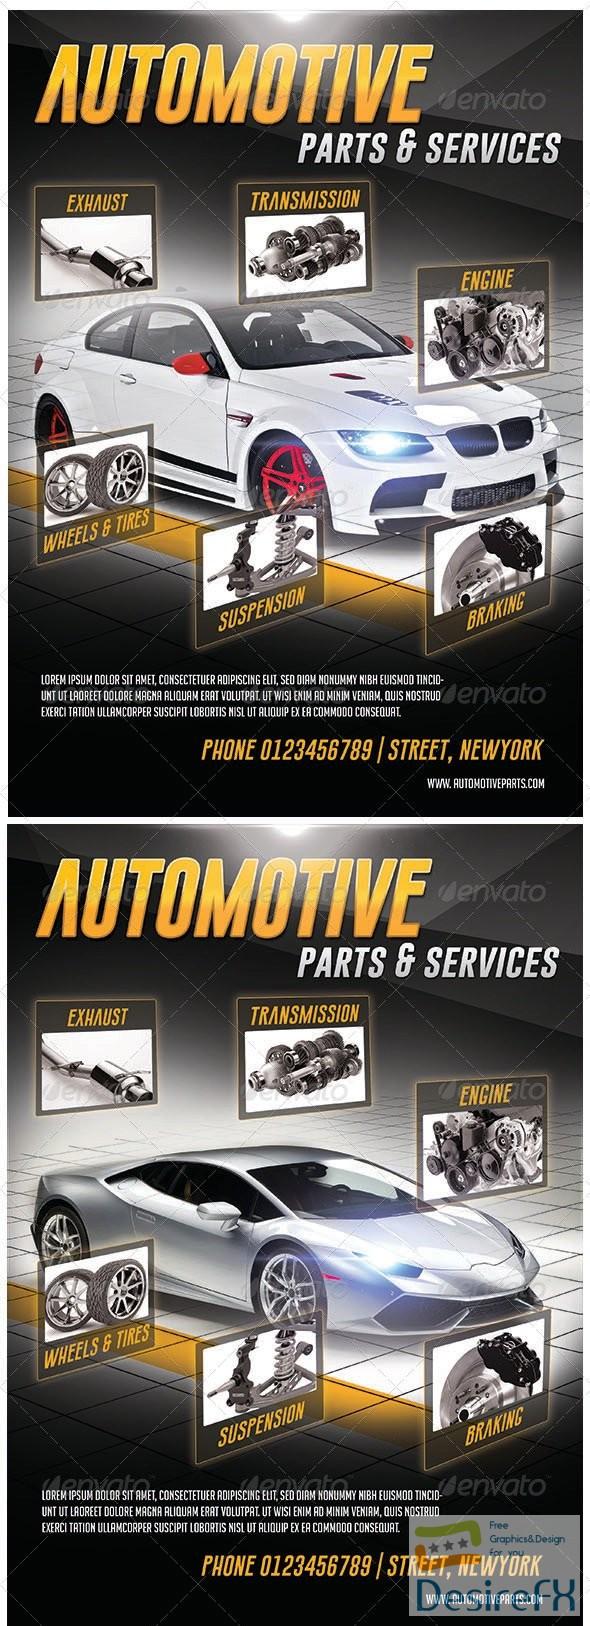 Automotive Parts & Services Flyer 7144154